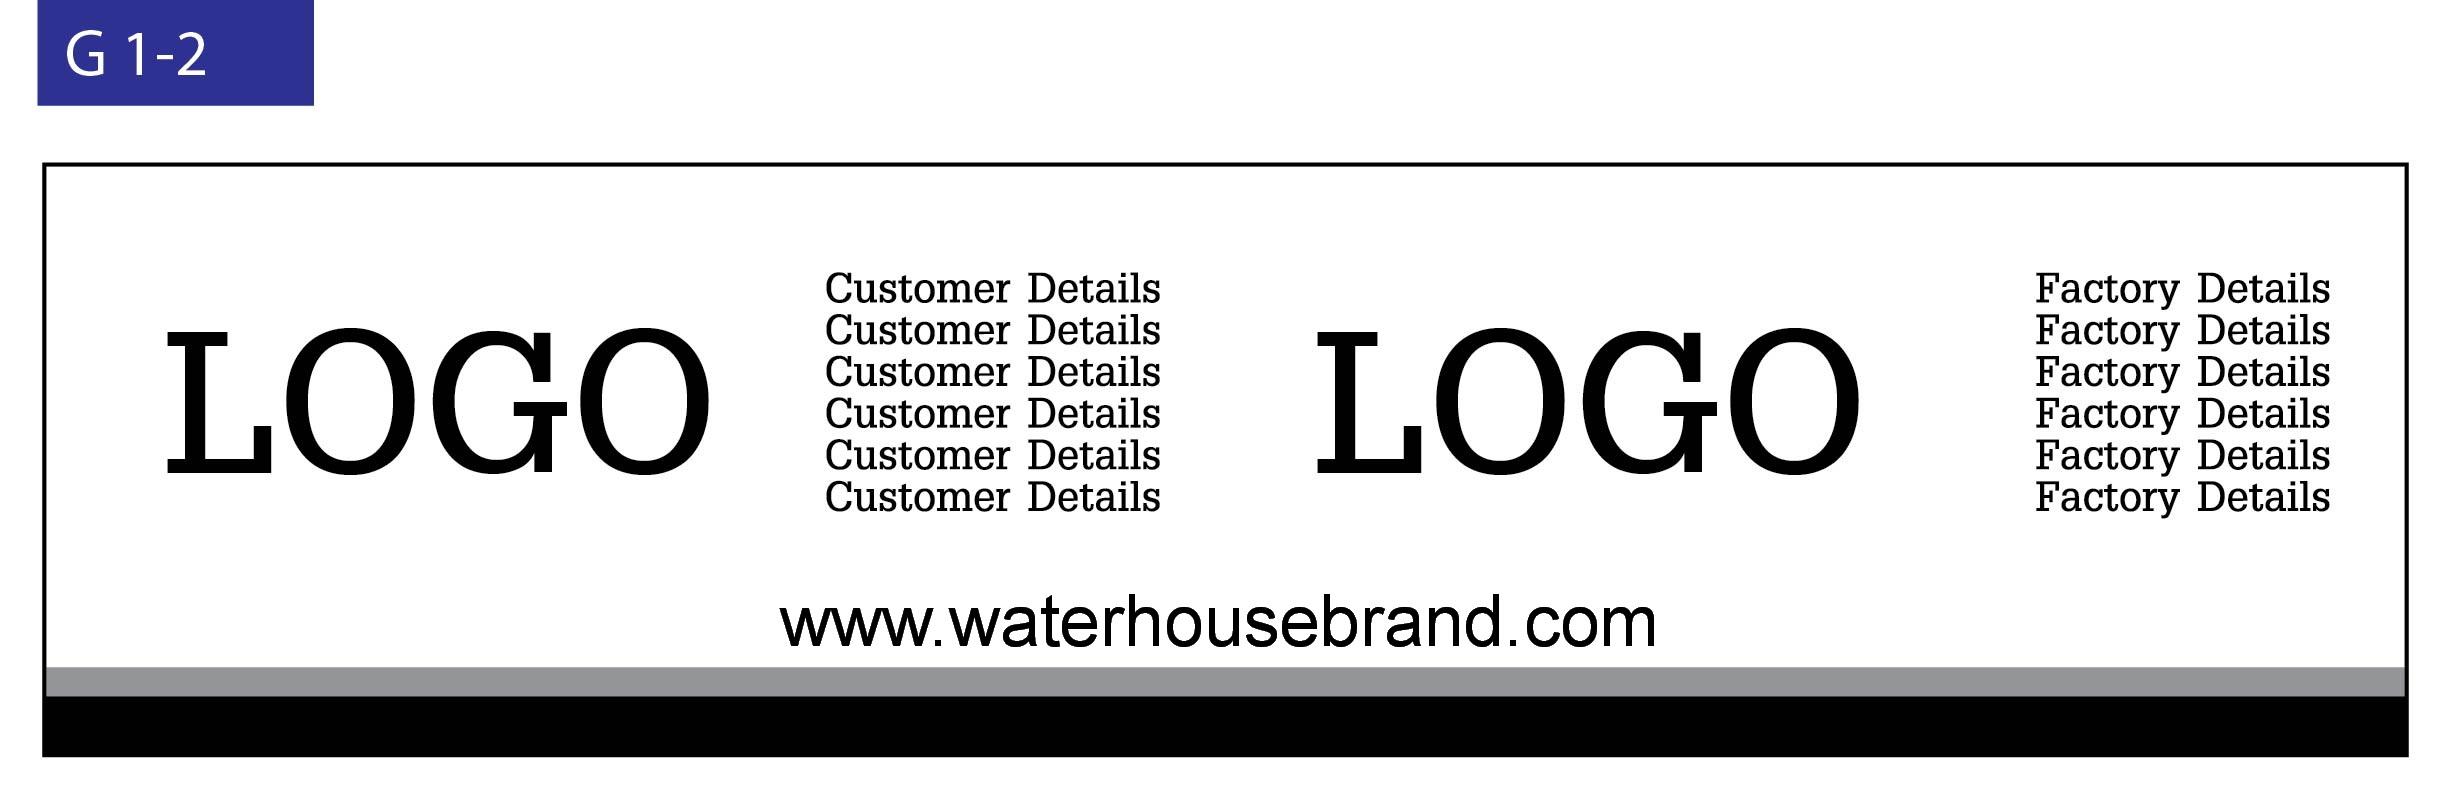 waterhouse-แบบฉลากน้ำดื่ม-g12